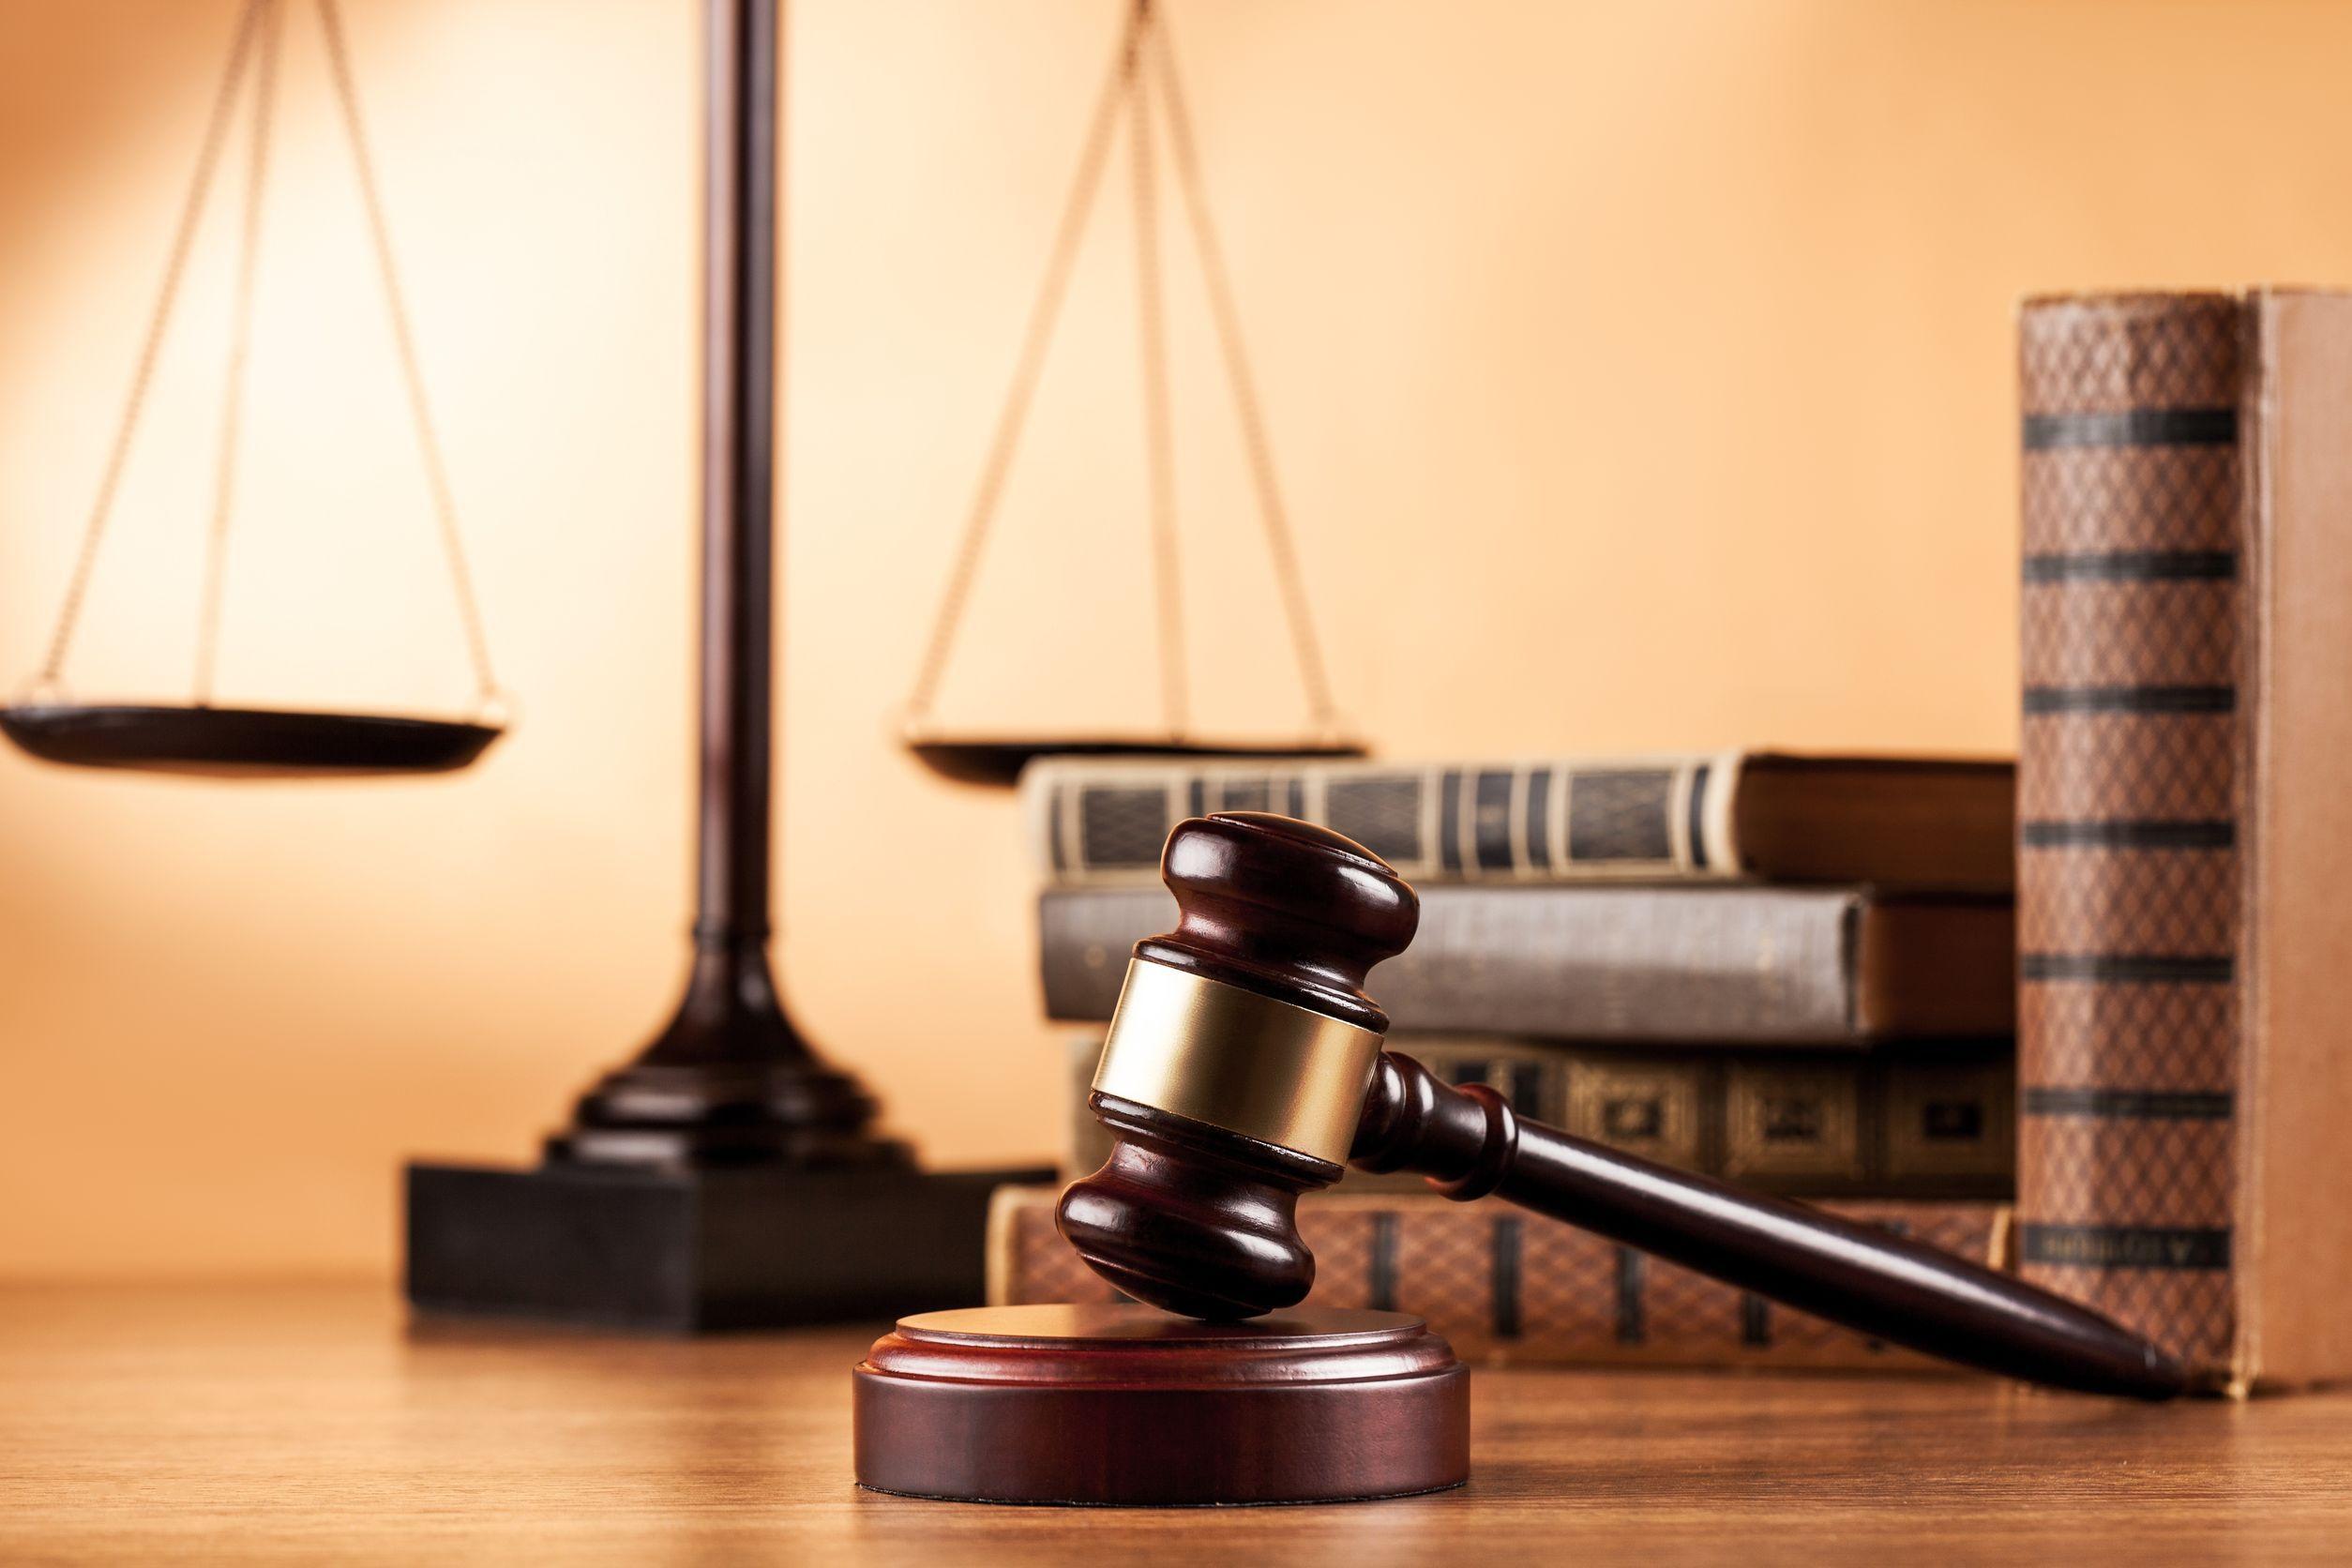 Ancheta disciplinară în cazul procurorilor care au făcut dosarul OUG 13, oprită. Hotărârea nu este definitivă